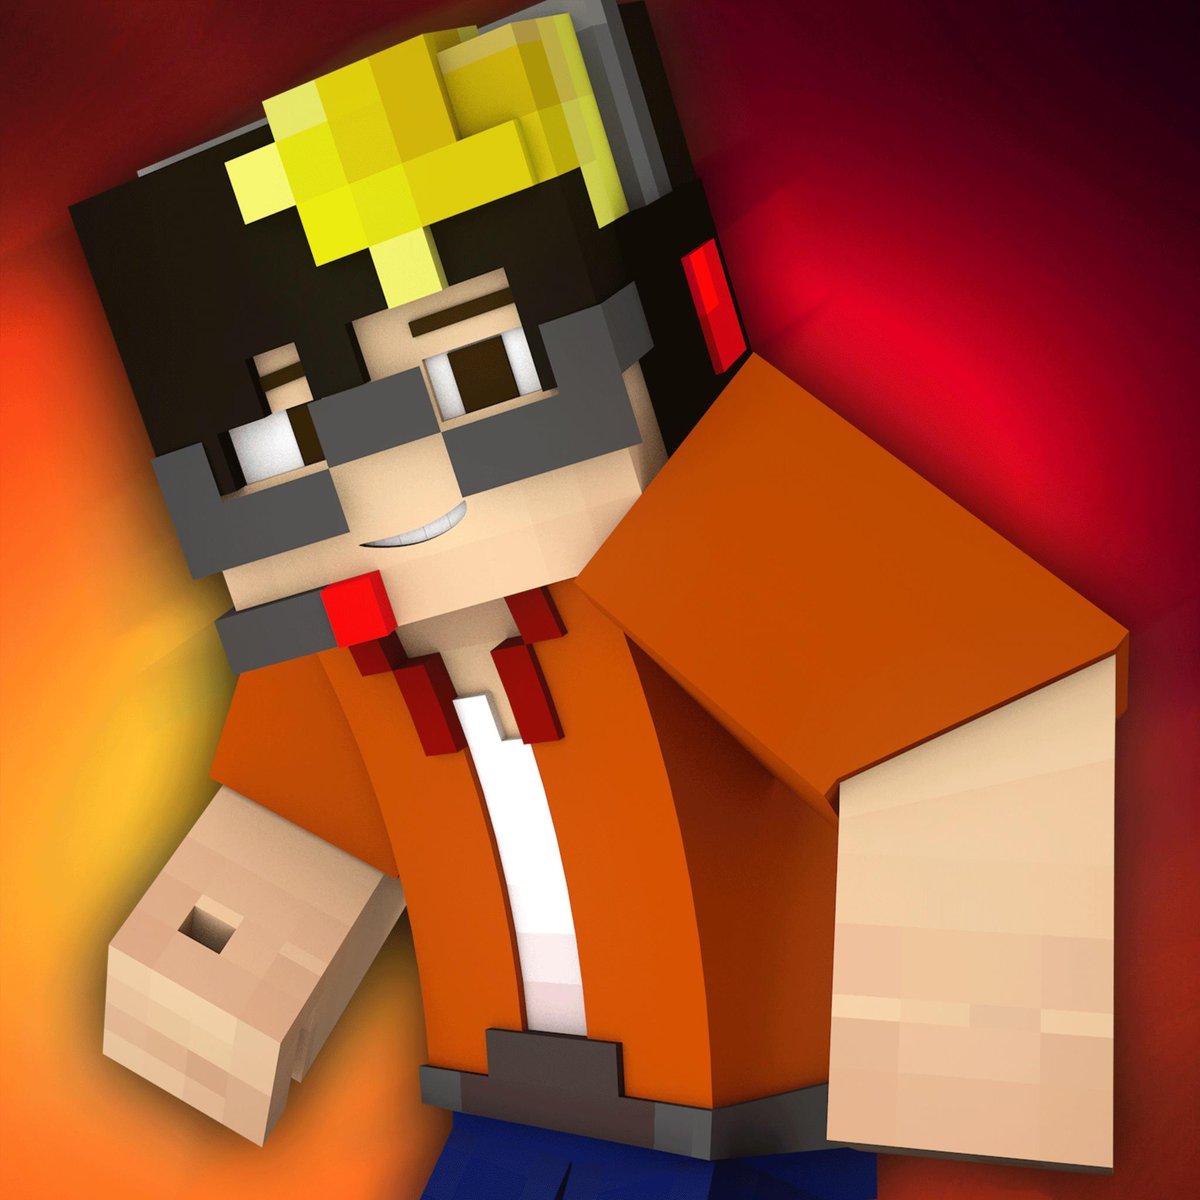 картинки майнкрафт на аватарку #10